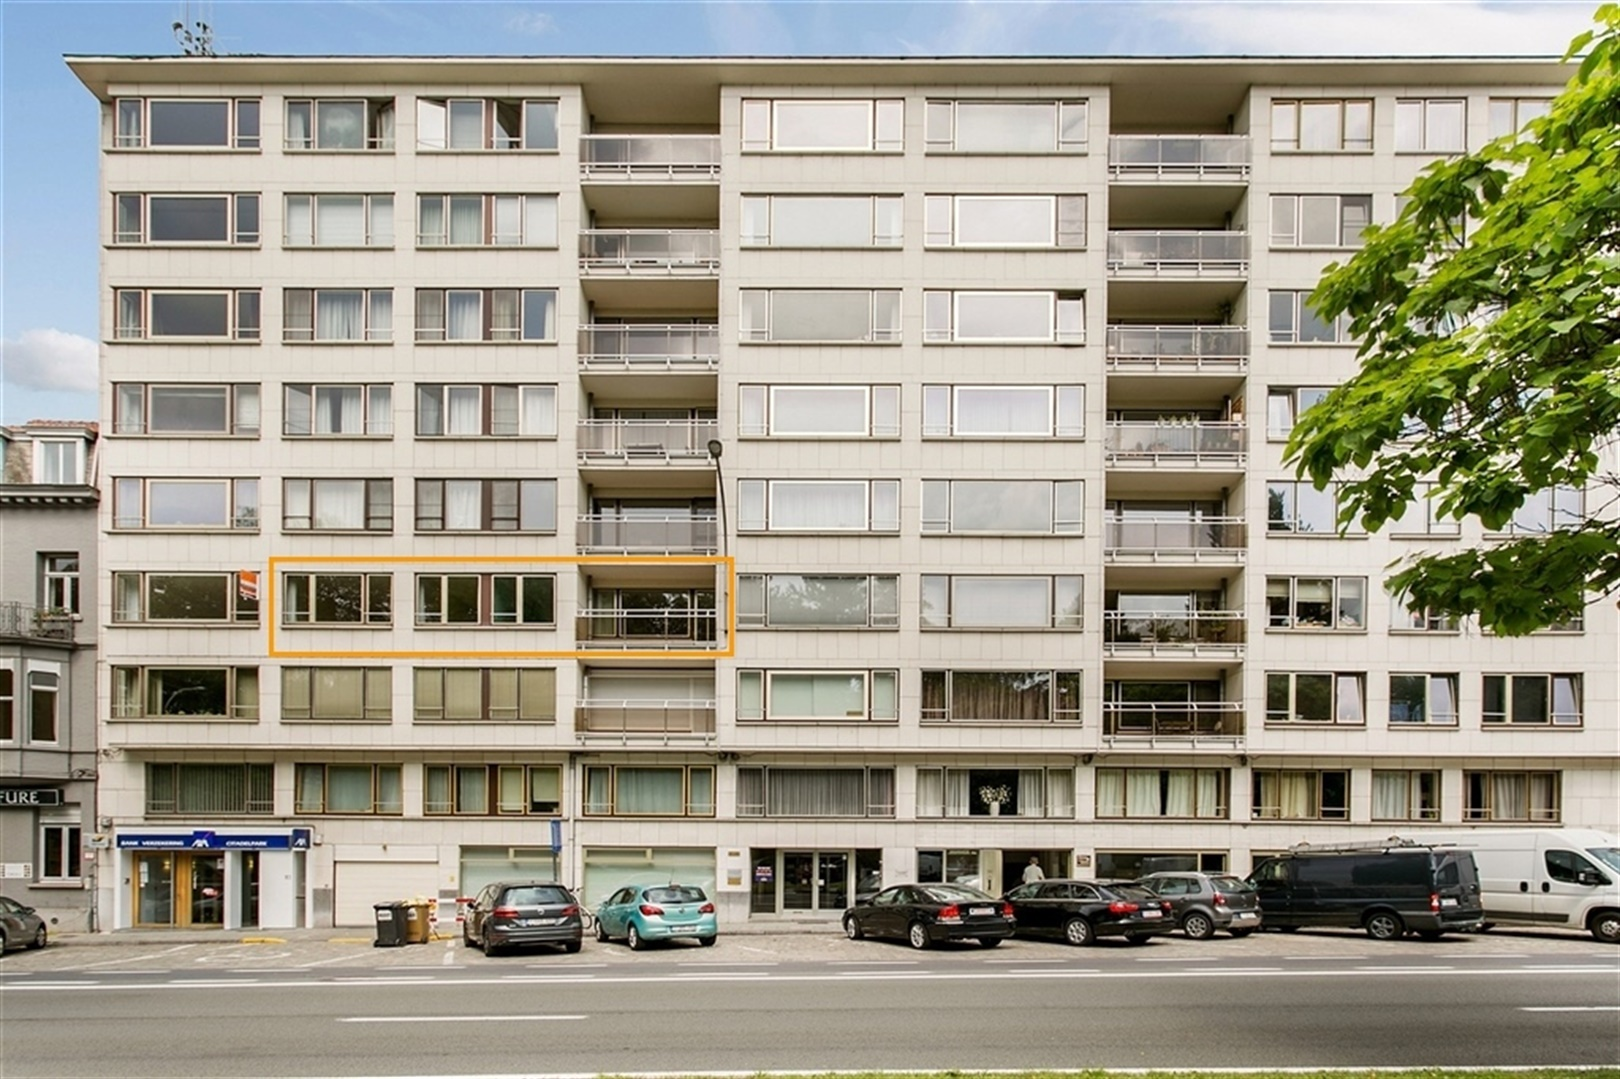 Bekijk VR Tour van Lichtrijk appartement met 2 slaapkamers aan het Citadelpark!